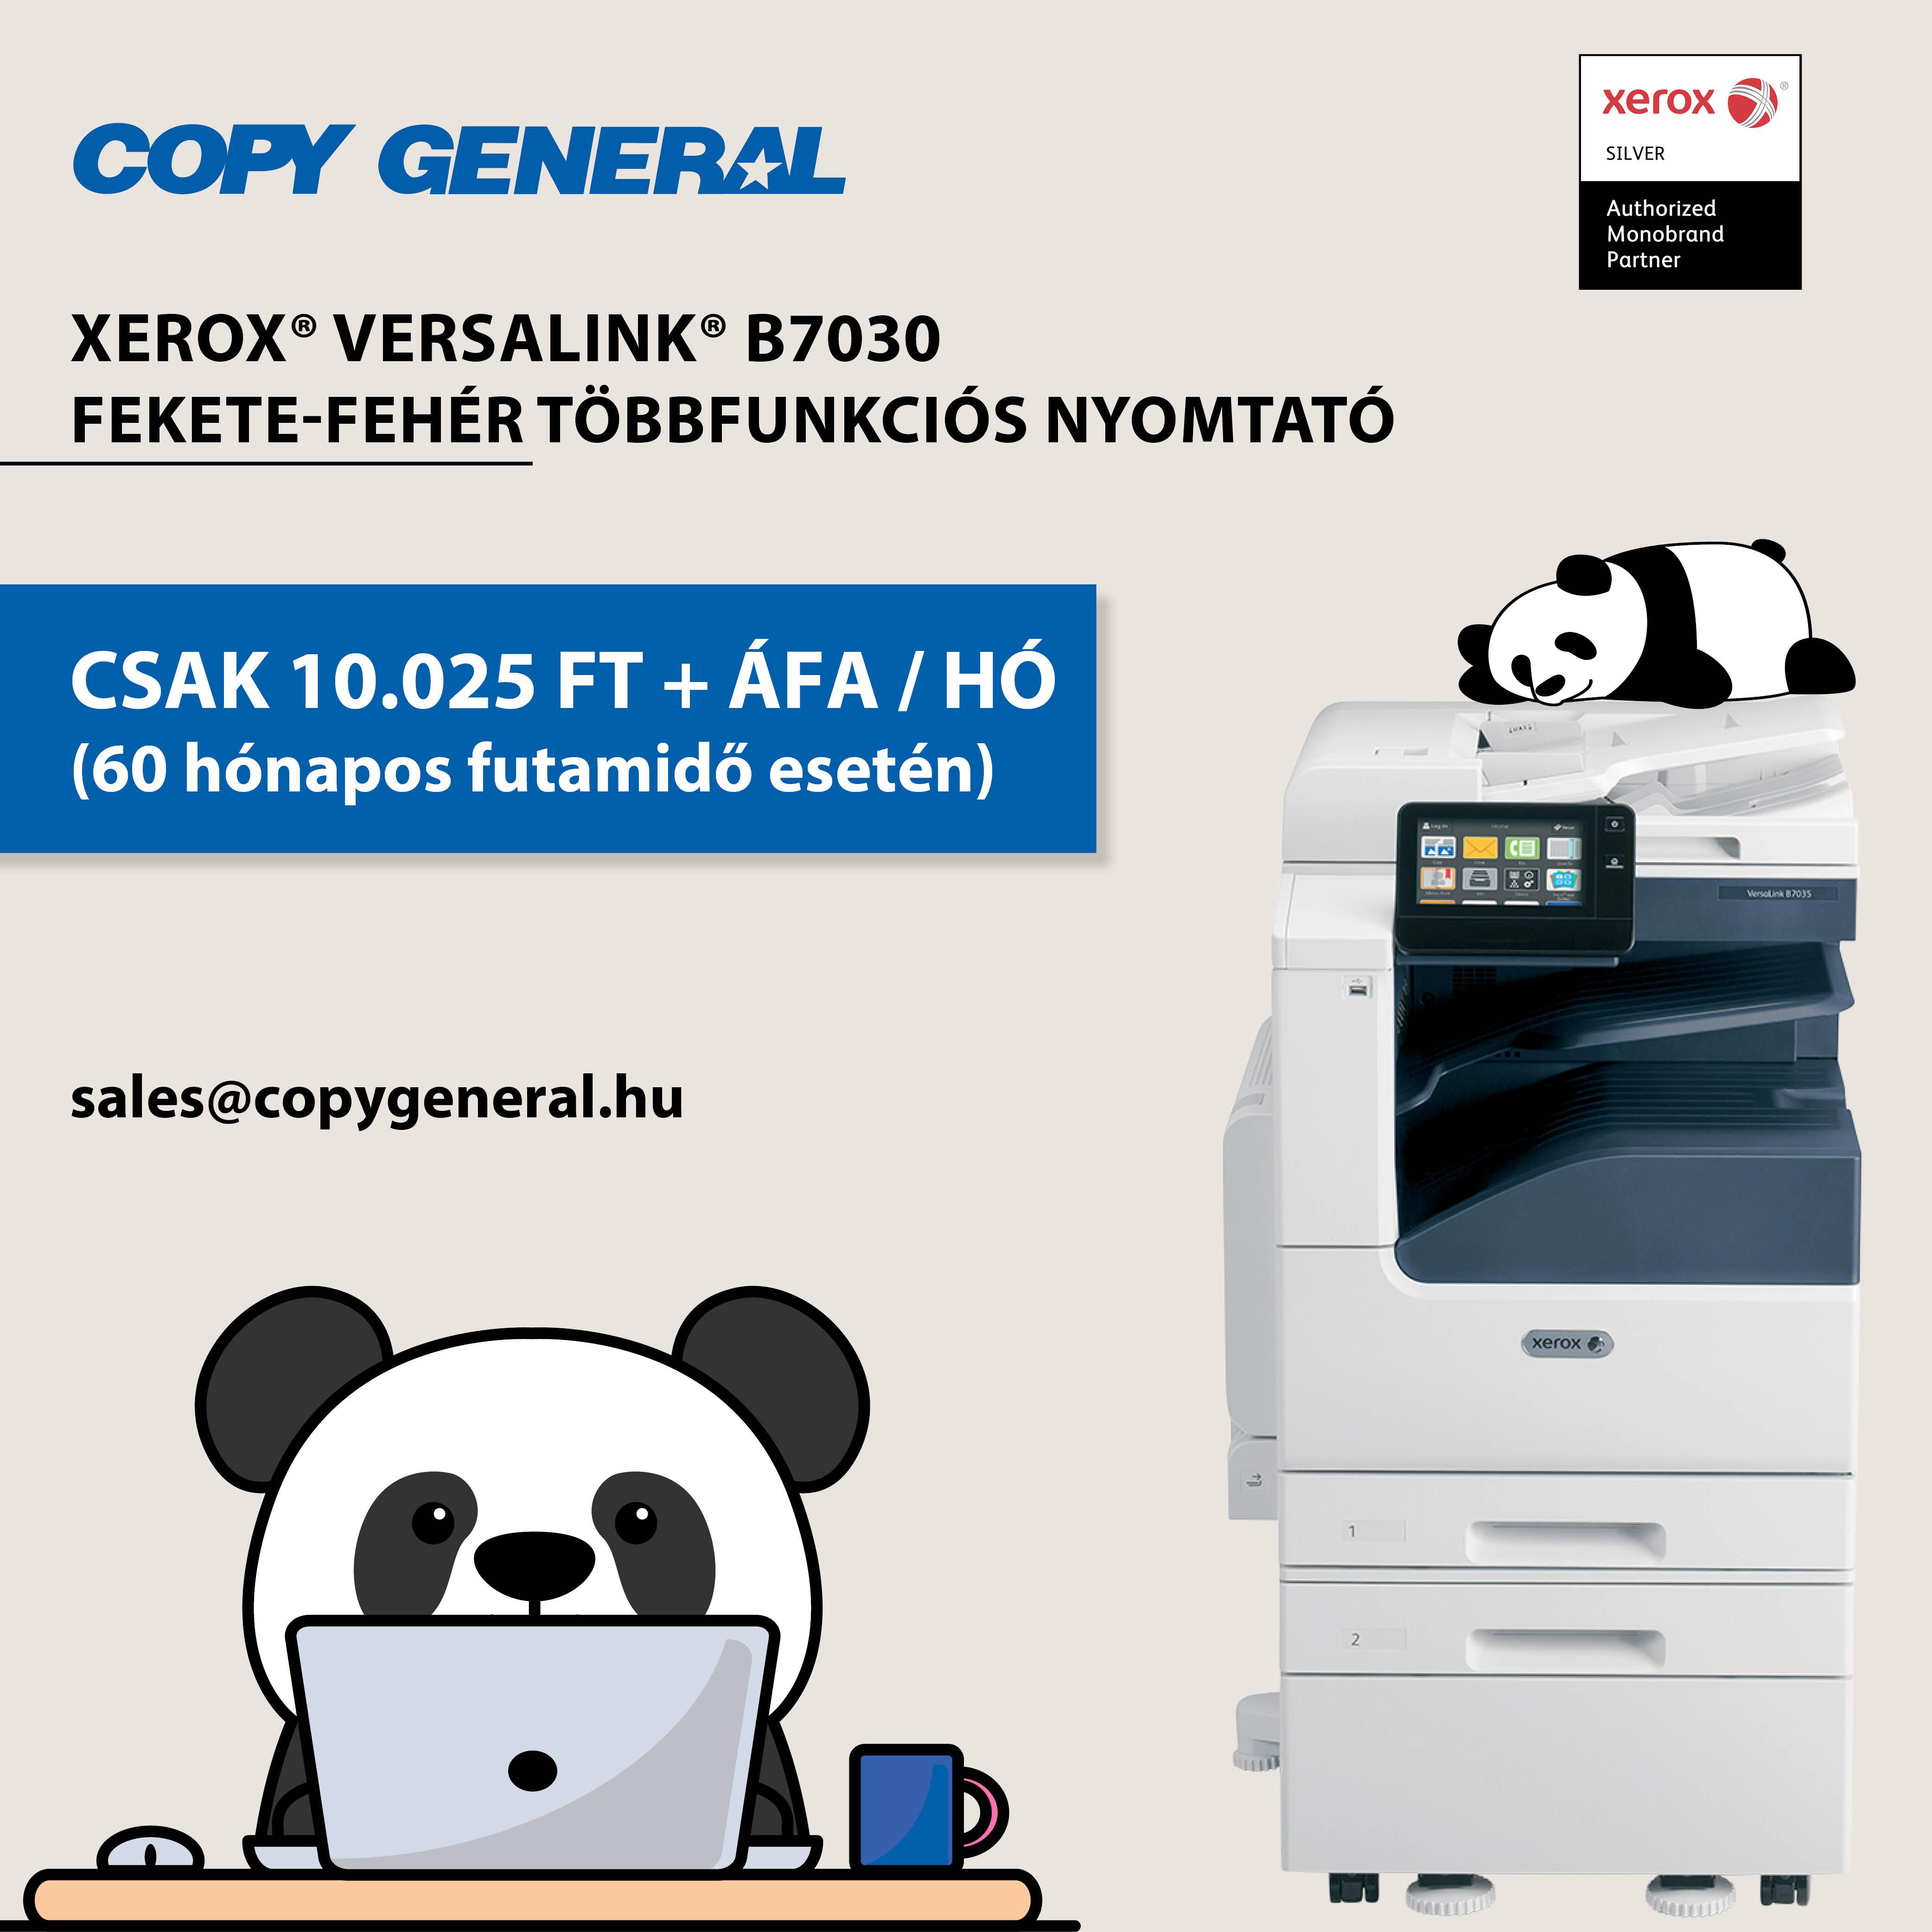 xerox-b7030.jpg